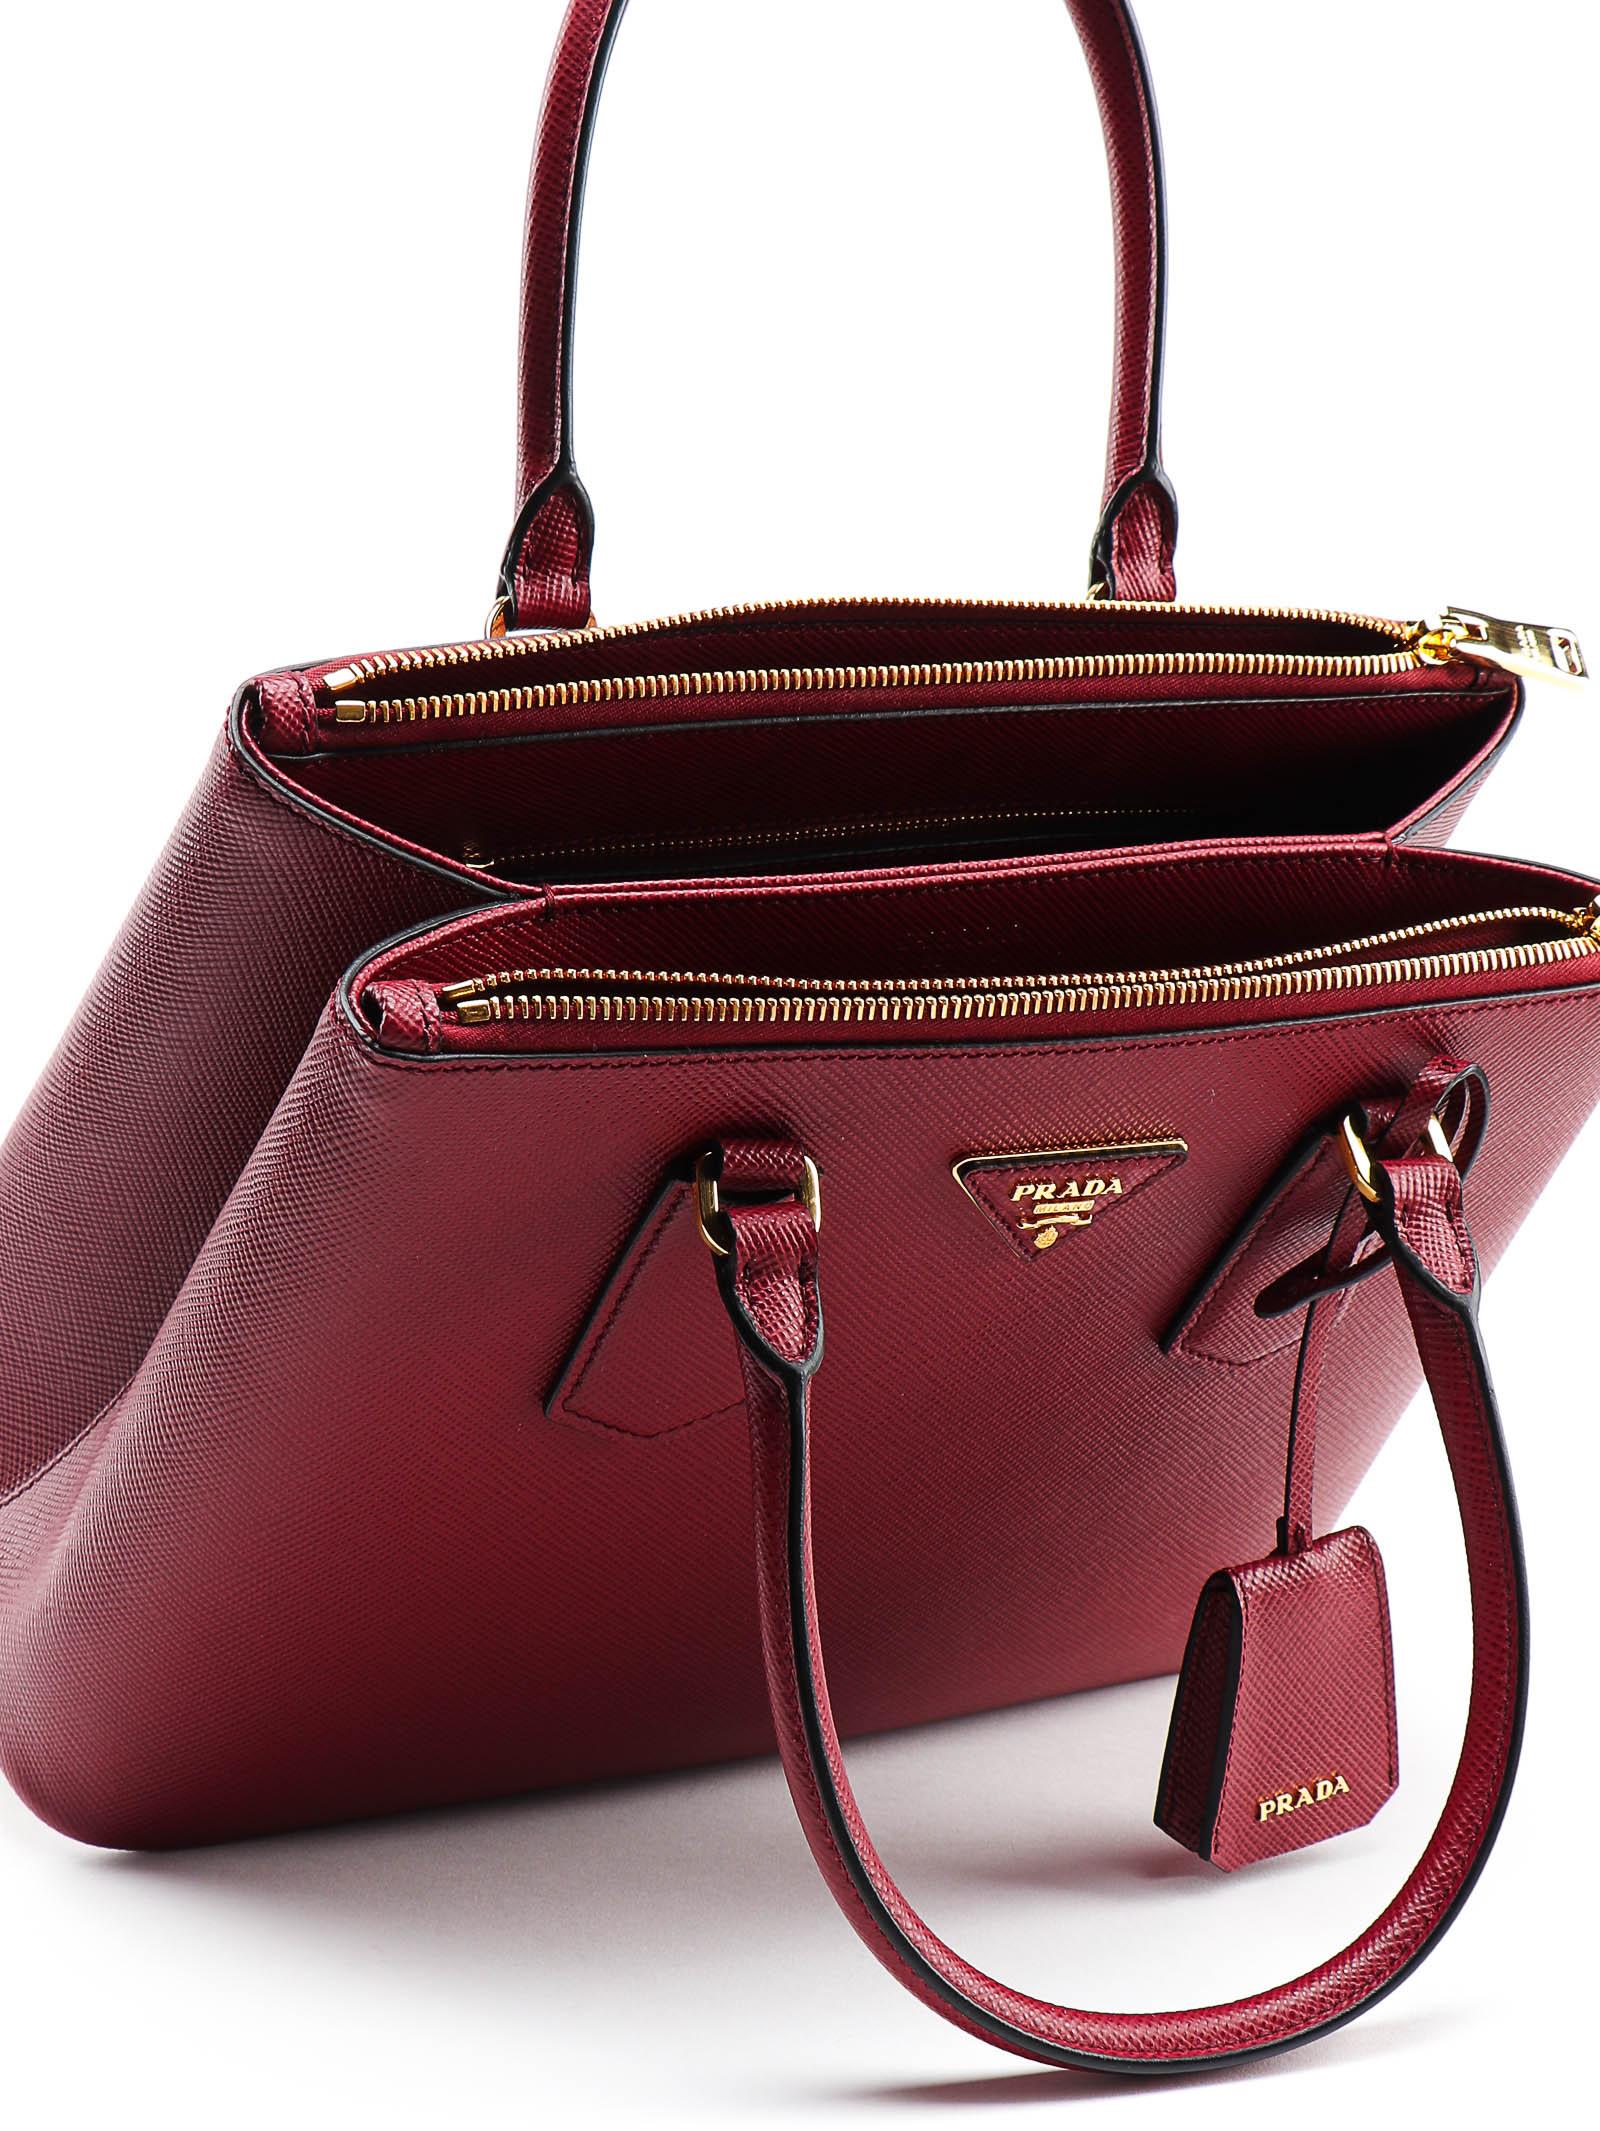 Picture of Prada | Galleria Bag Saffiano